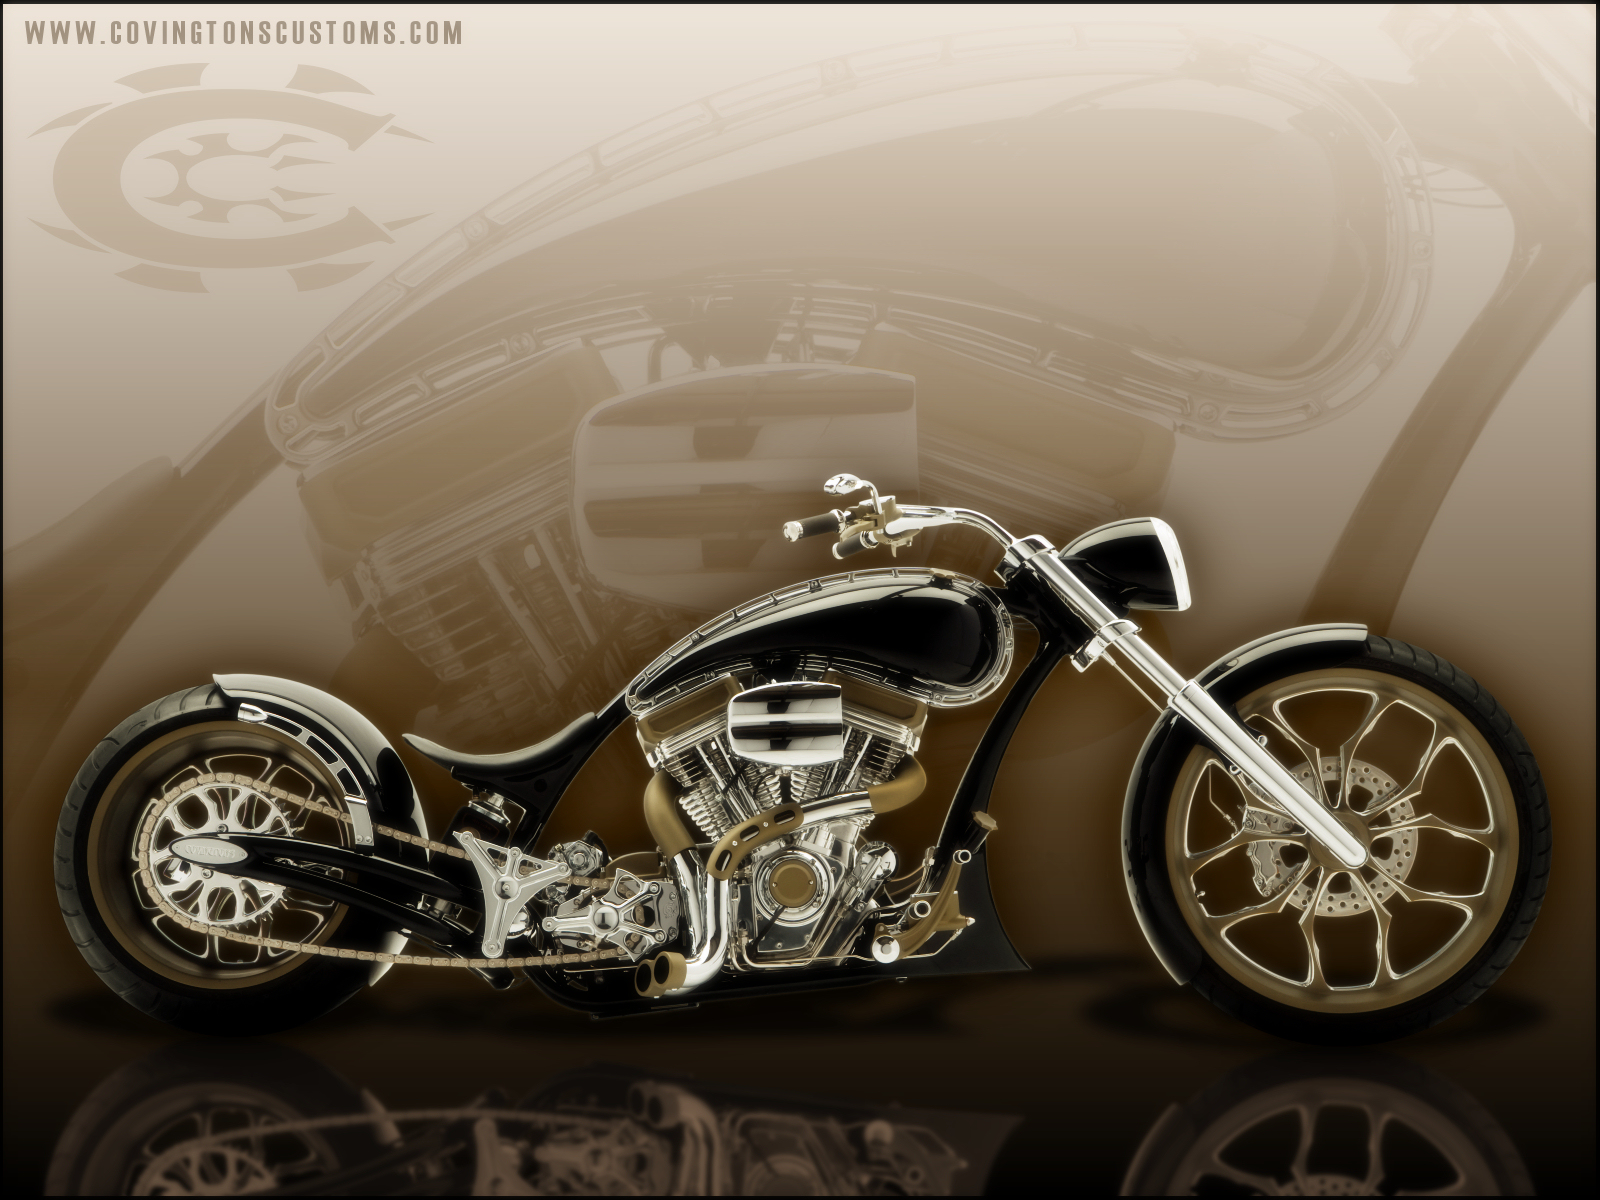 Fondos De Motos